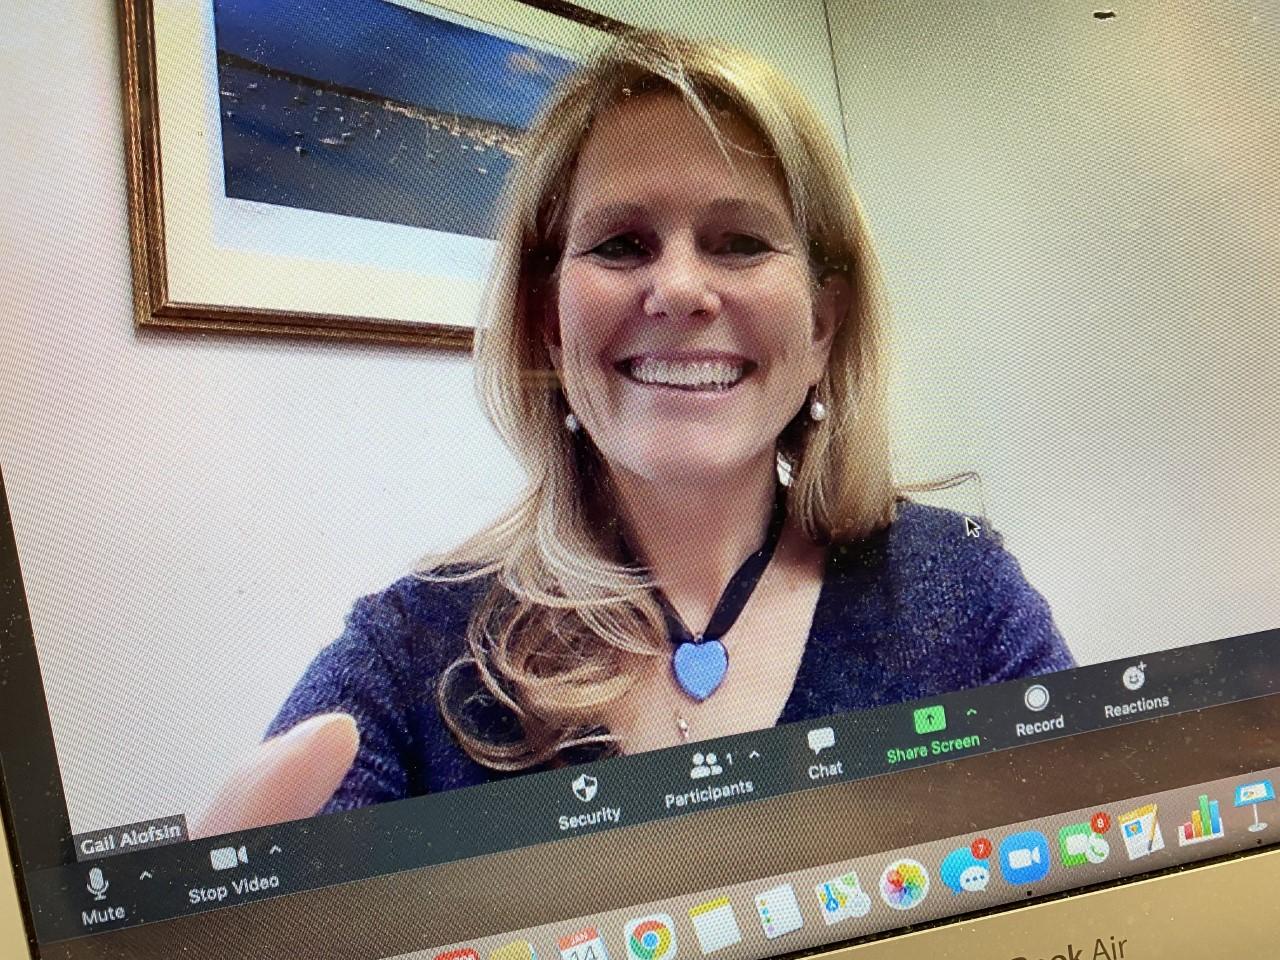 Gail Alofsin virtual